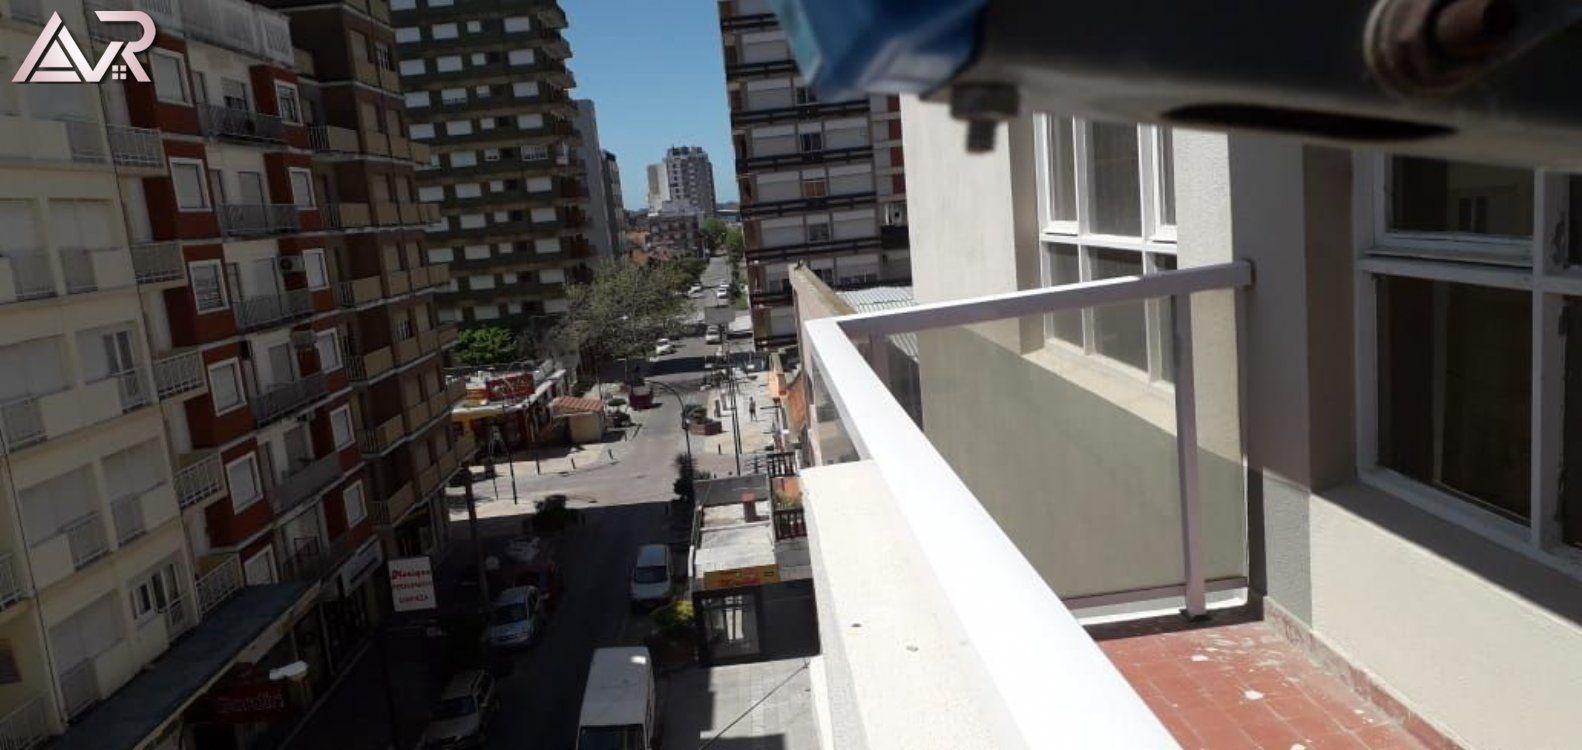 Alquiler temporal de Departamento en Zona I para 5 personas provisto por AVR Estudio Inmobiliario   Verano 2021   Miramar